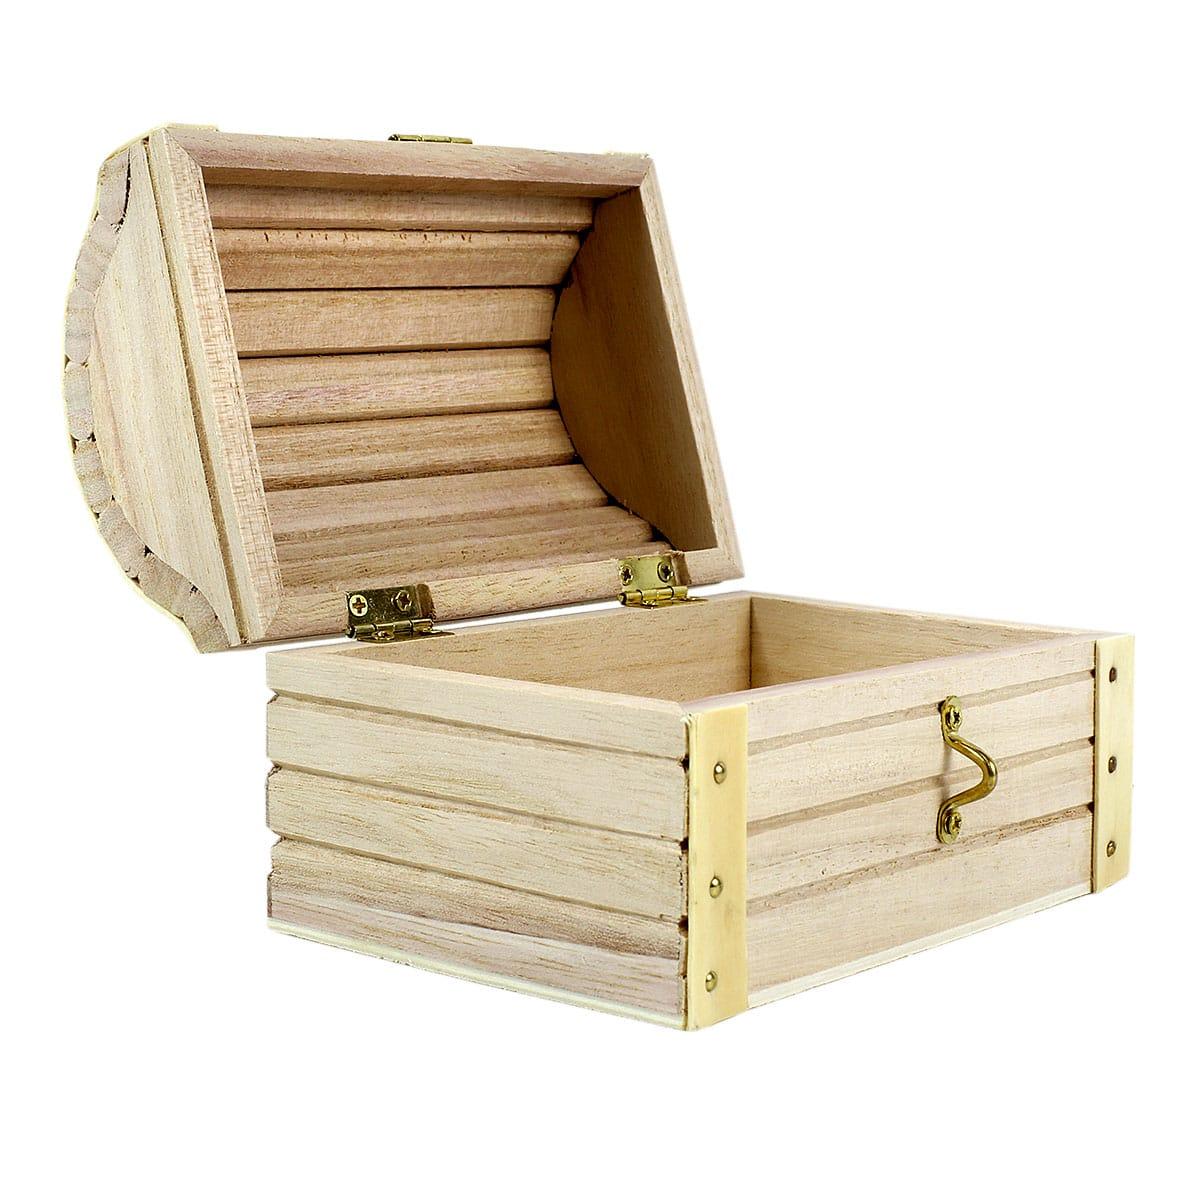 Old Style Treasure Chest Small Wooden Treasure Box